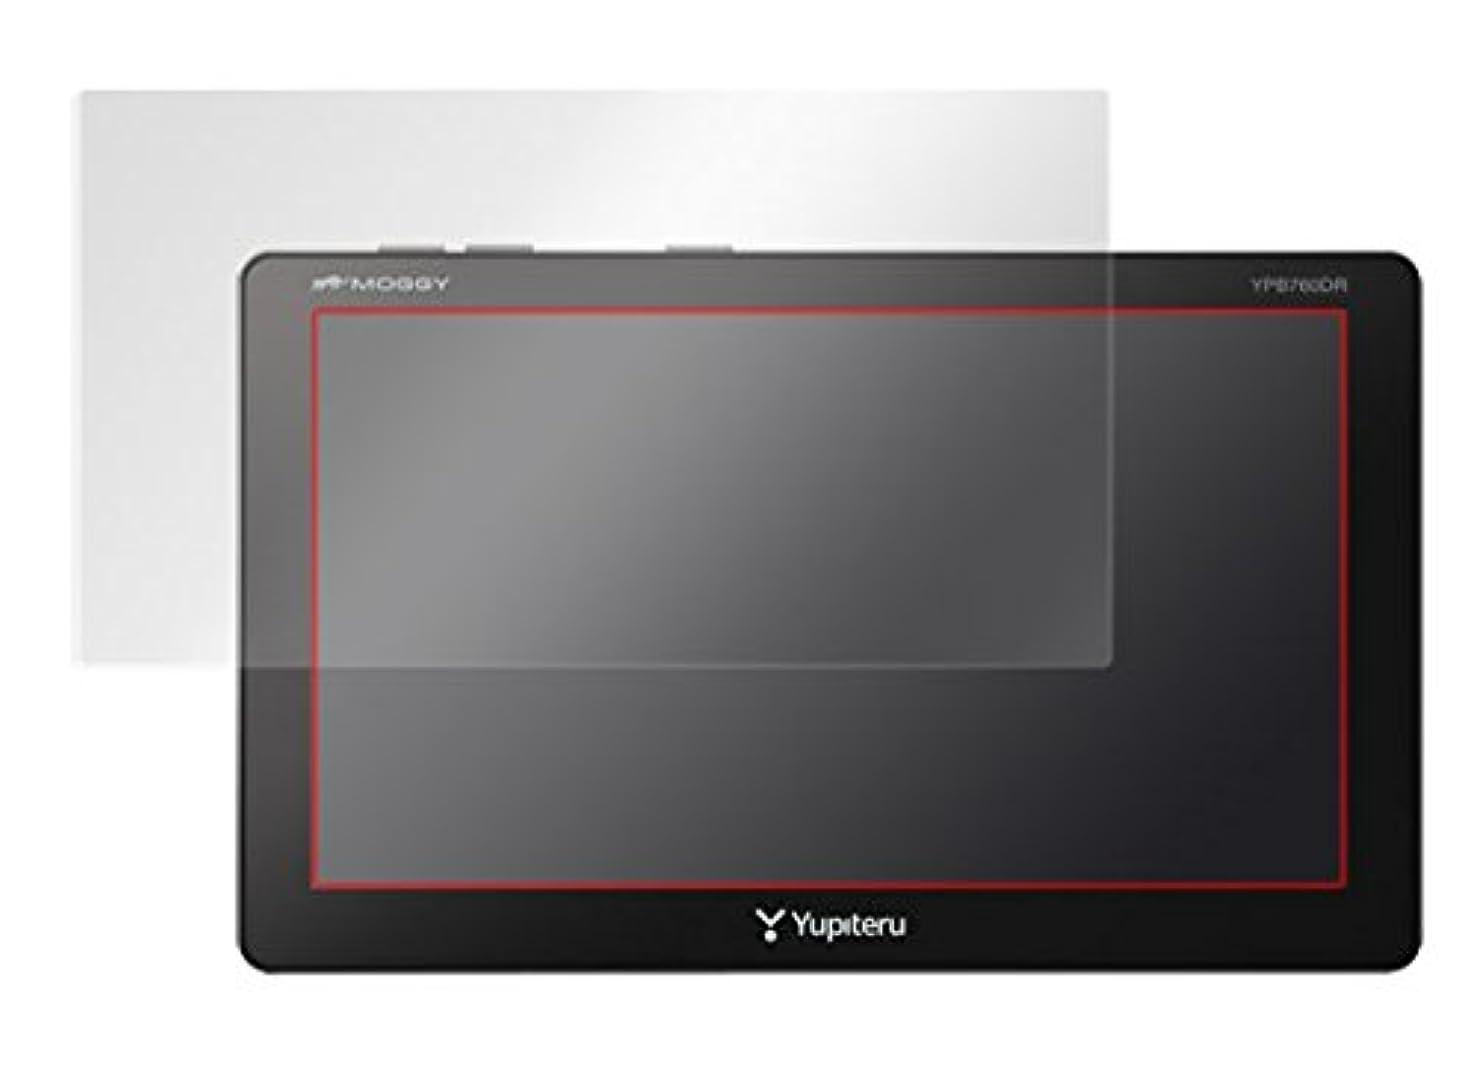 速報食堂床指紋が目立たない 反射防止タイプ液晶保護フィルム ポータブルカーナビ Yupiteru MOGGY YPB760DR OLYPB760DR/3